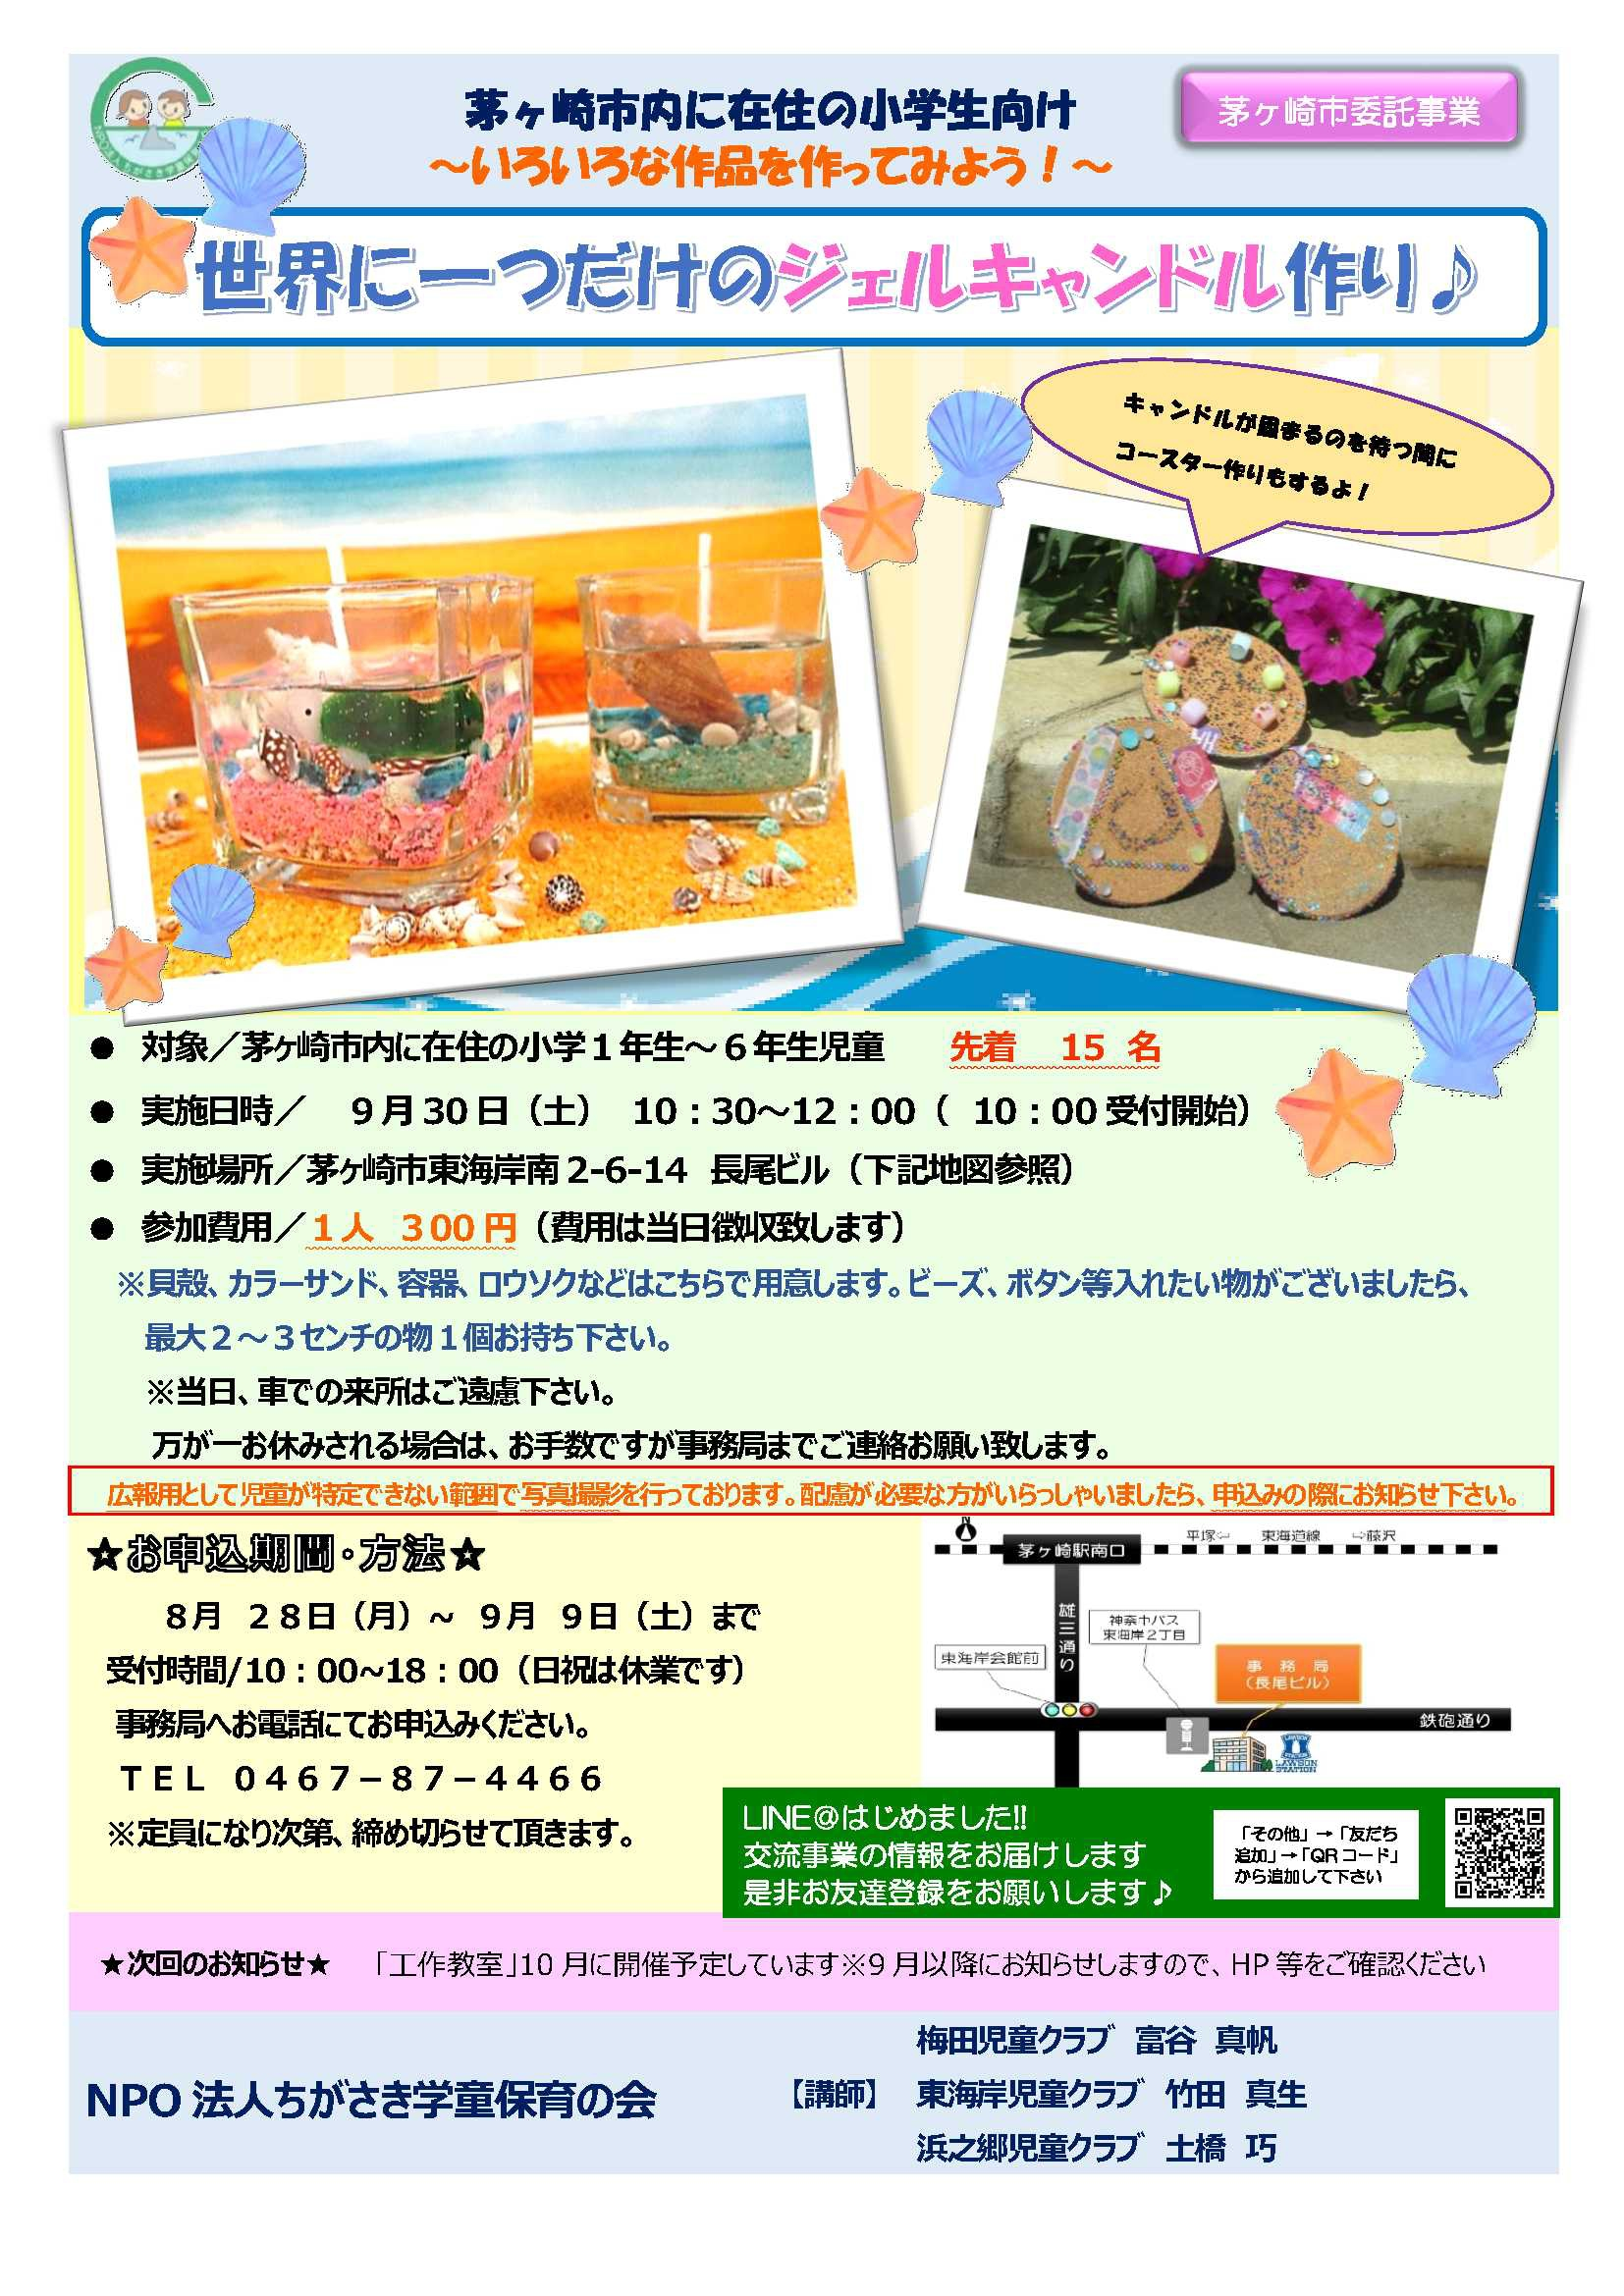 2909ポスター_LINE用_2.jpg